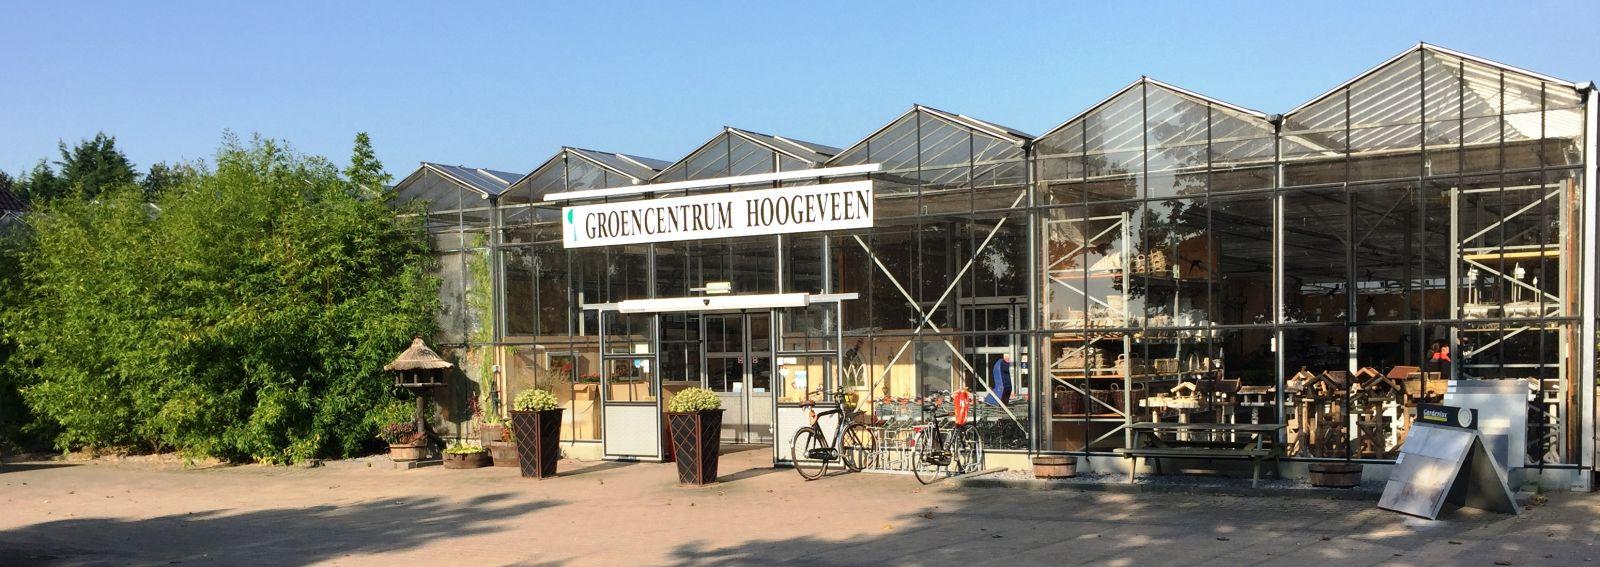 tuincentrum groencentrum Hoogeveen